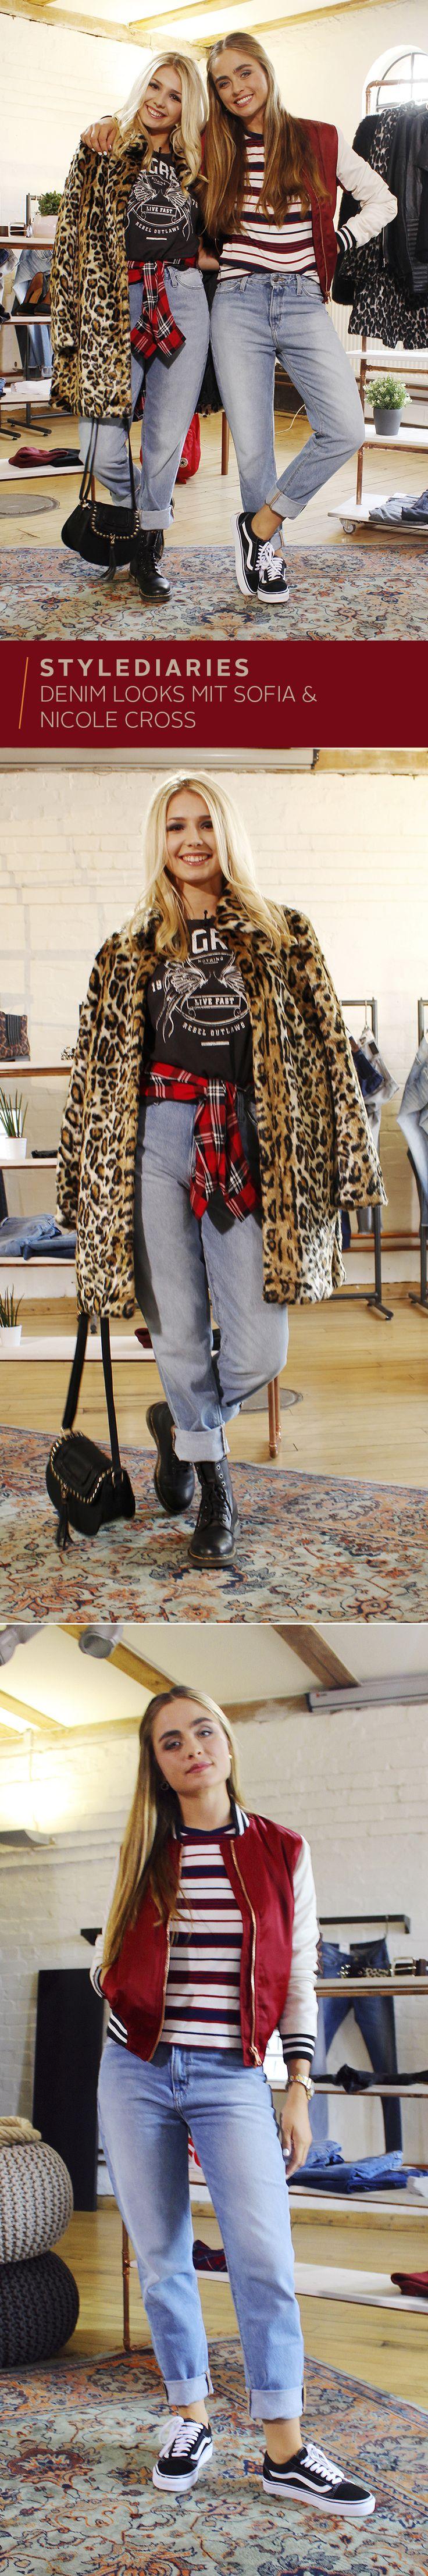 In der neuen Folge Stylediaries wartet auf Sophia und die Sängerin Nicole Cross eine spannende Fashion Challenge in der Hamburger Speicherstadt. Freu dich auf ein stylishes Keypiece und eine musikalische Überraschung!